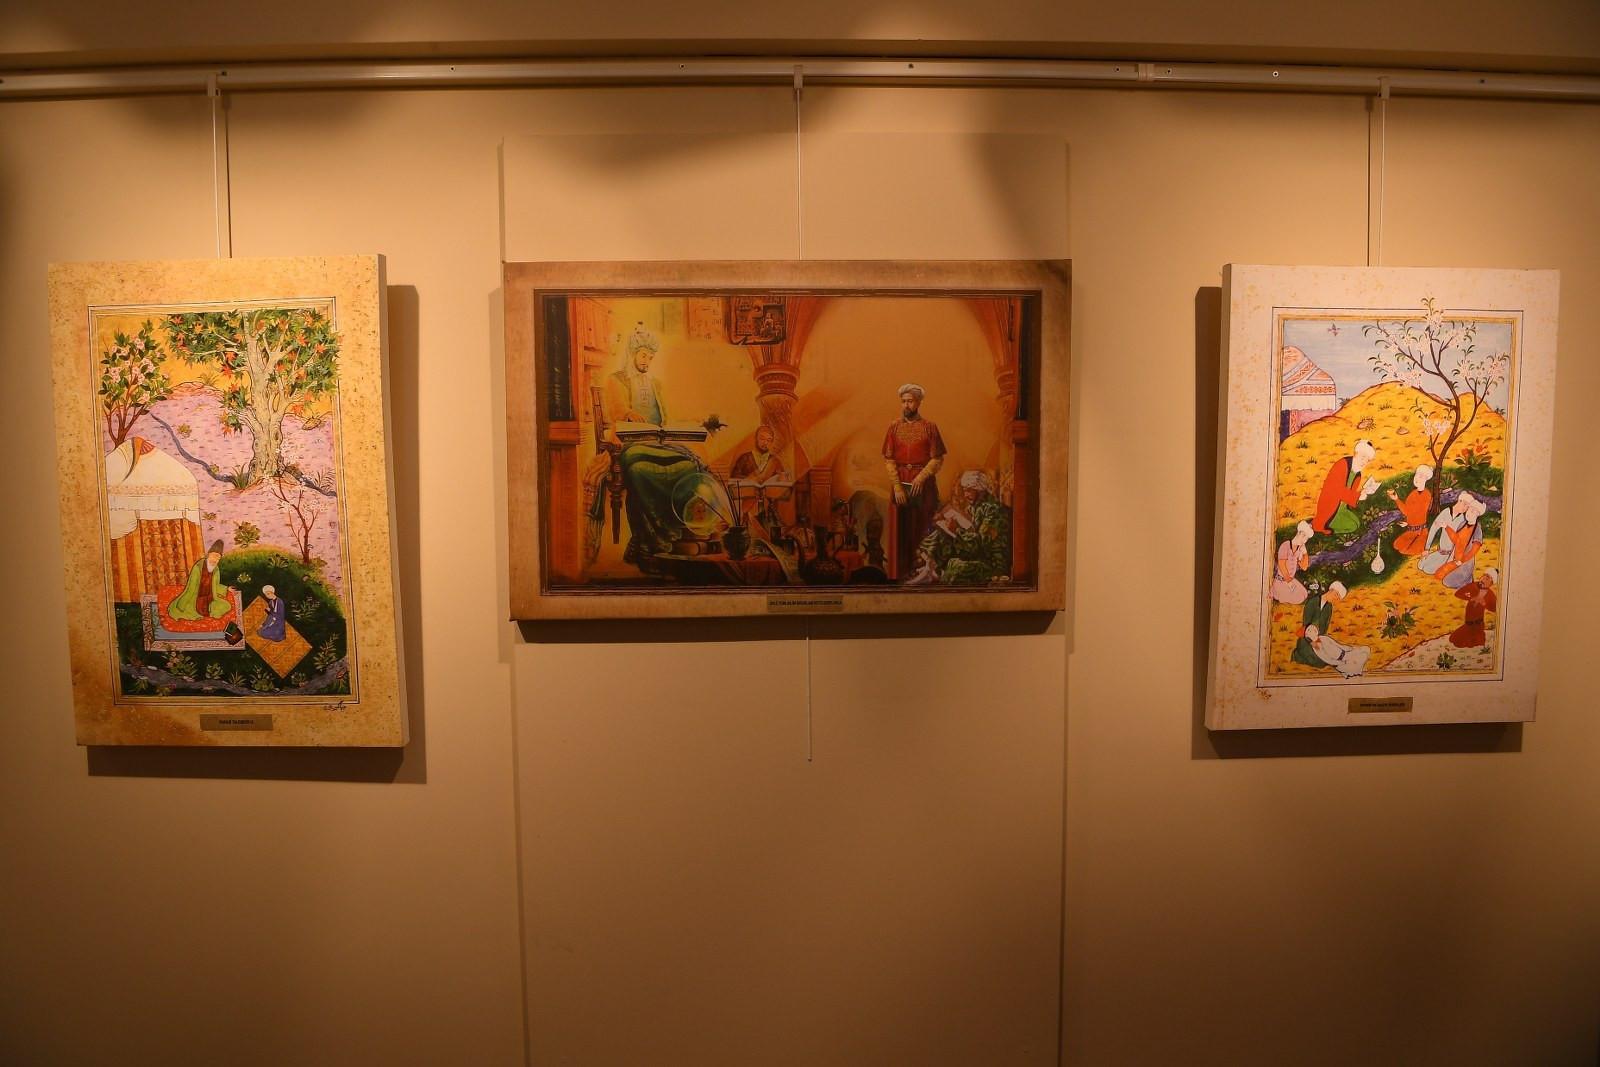 Ebu Nasr El Farabi Evi açıldı Galeri - 29. Resim